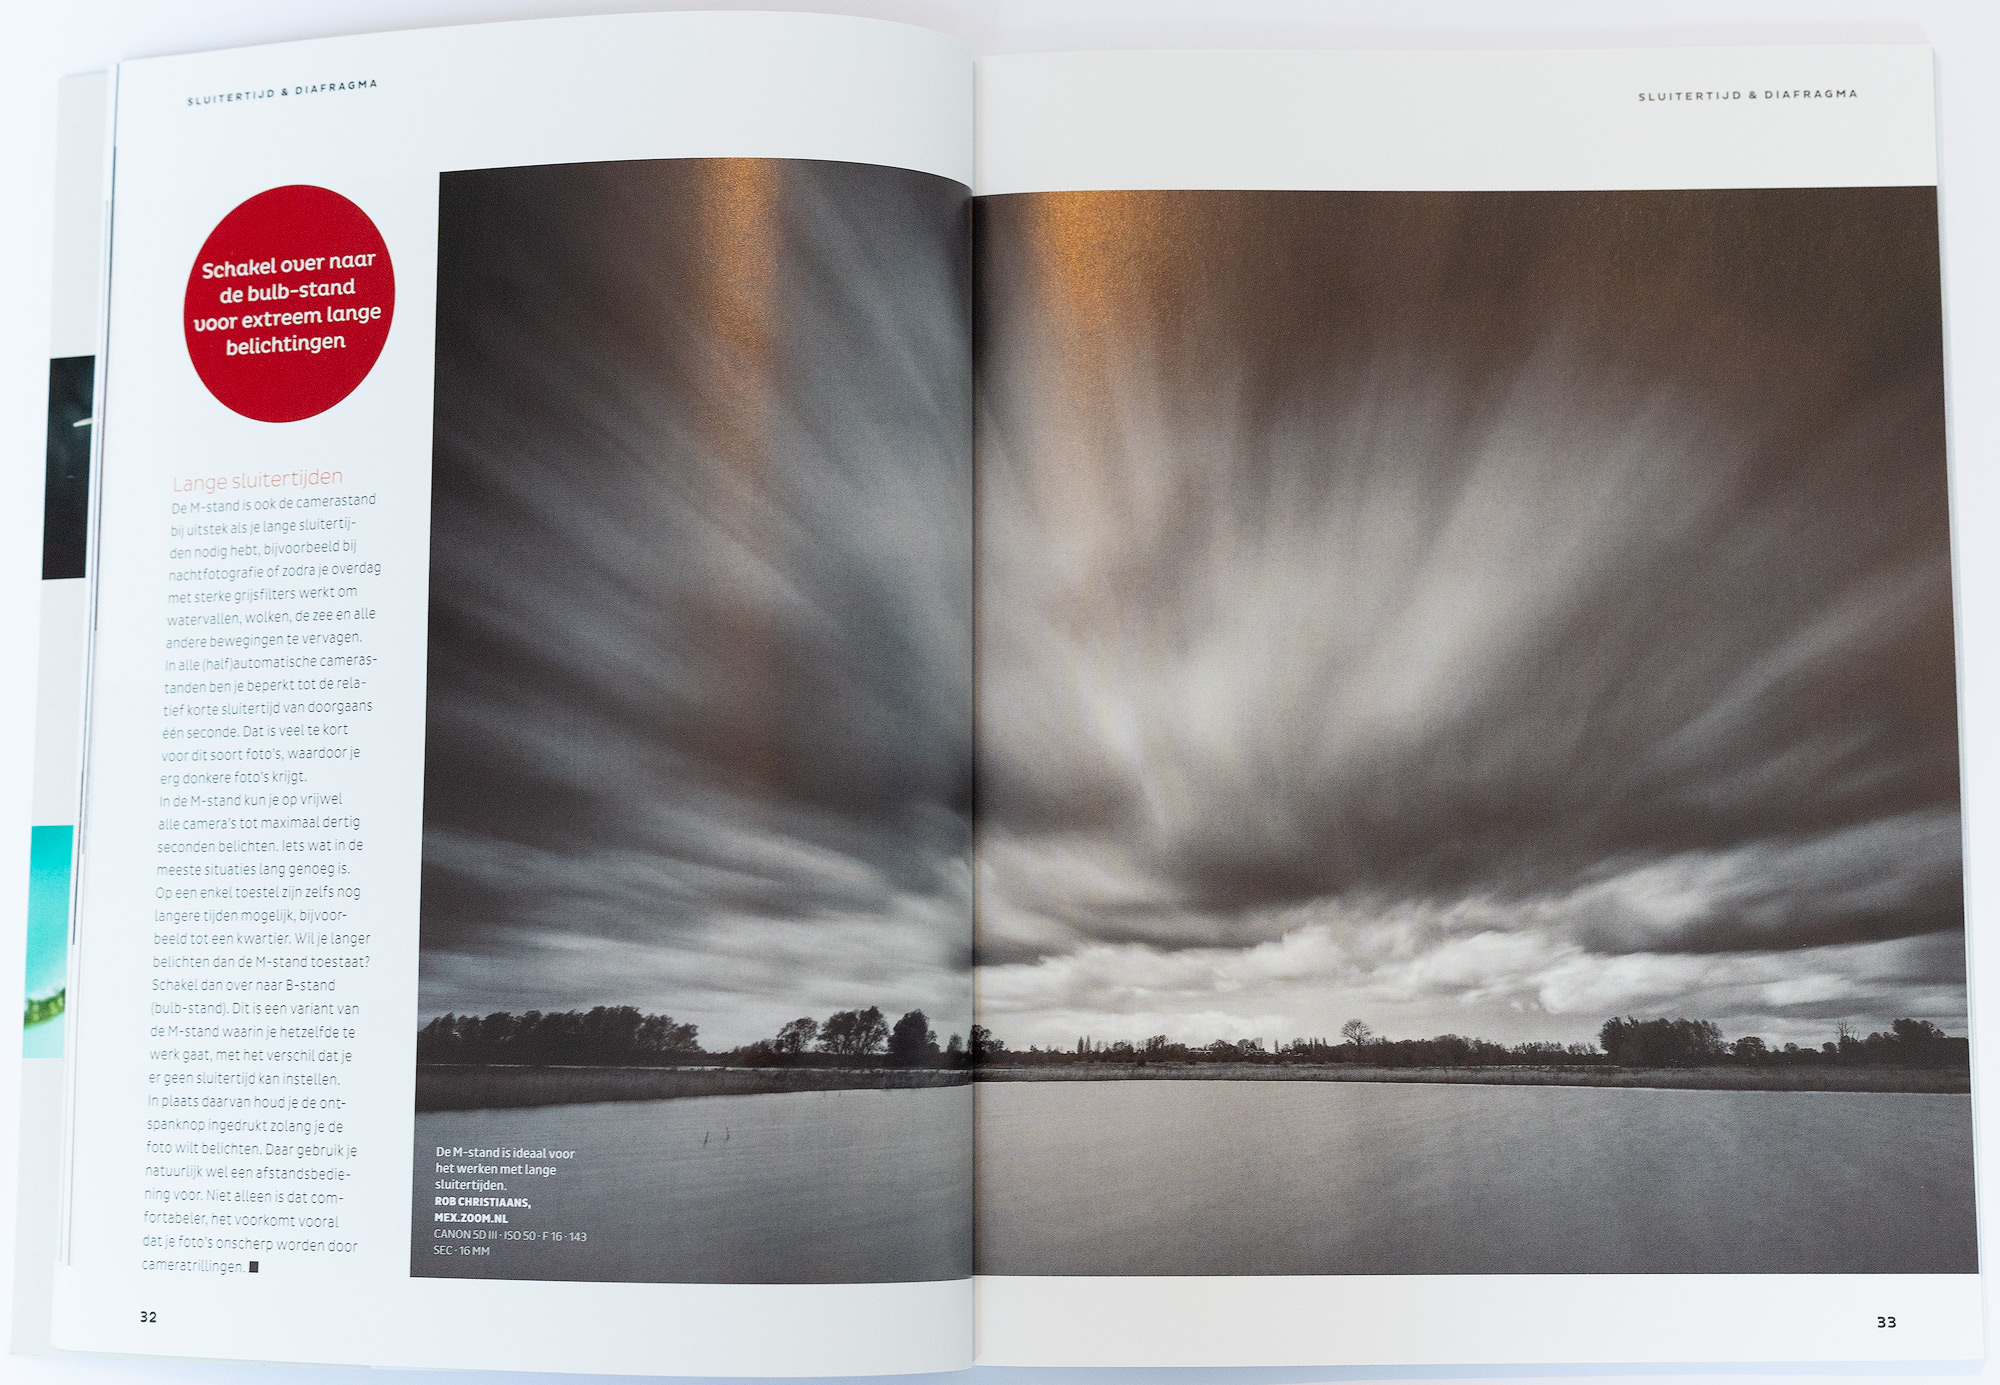 Cursusboek Sluitertijd en Diafragma Zoom Rob Christiaans